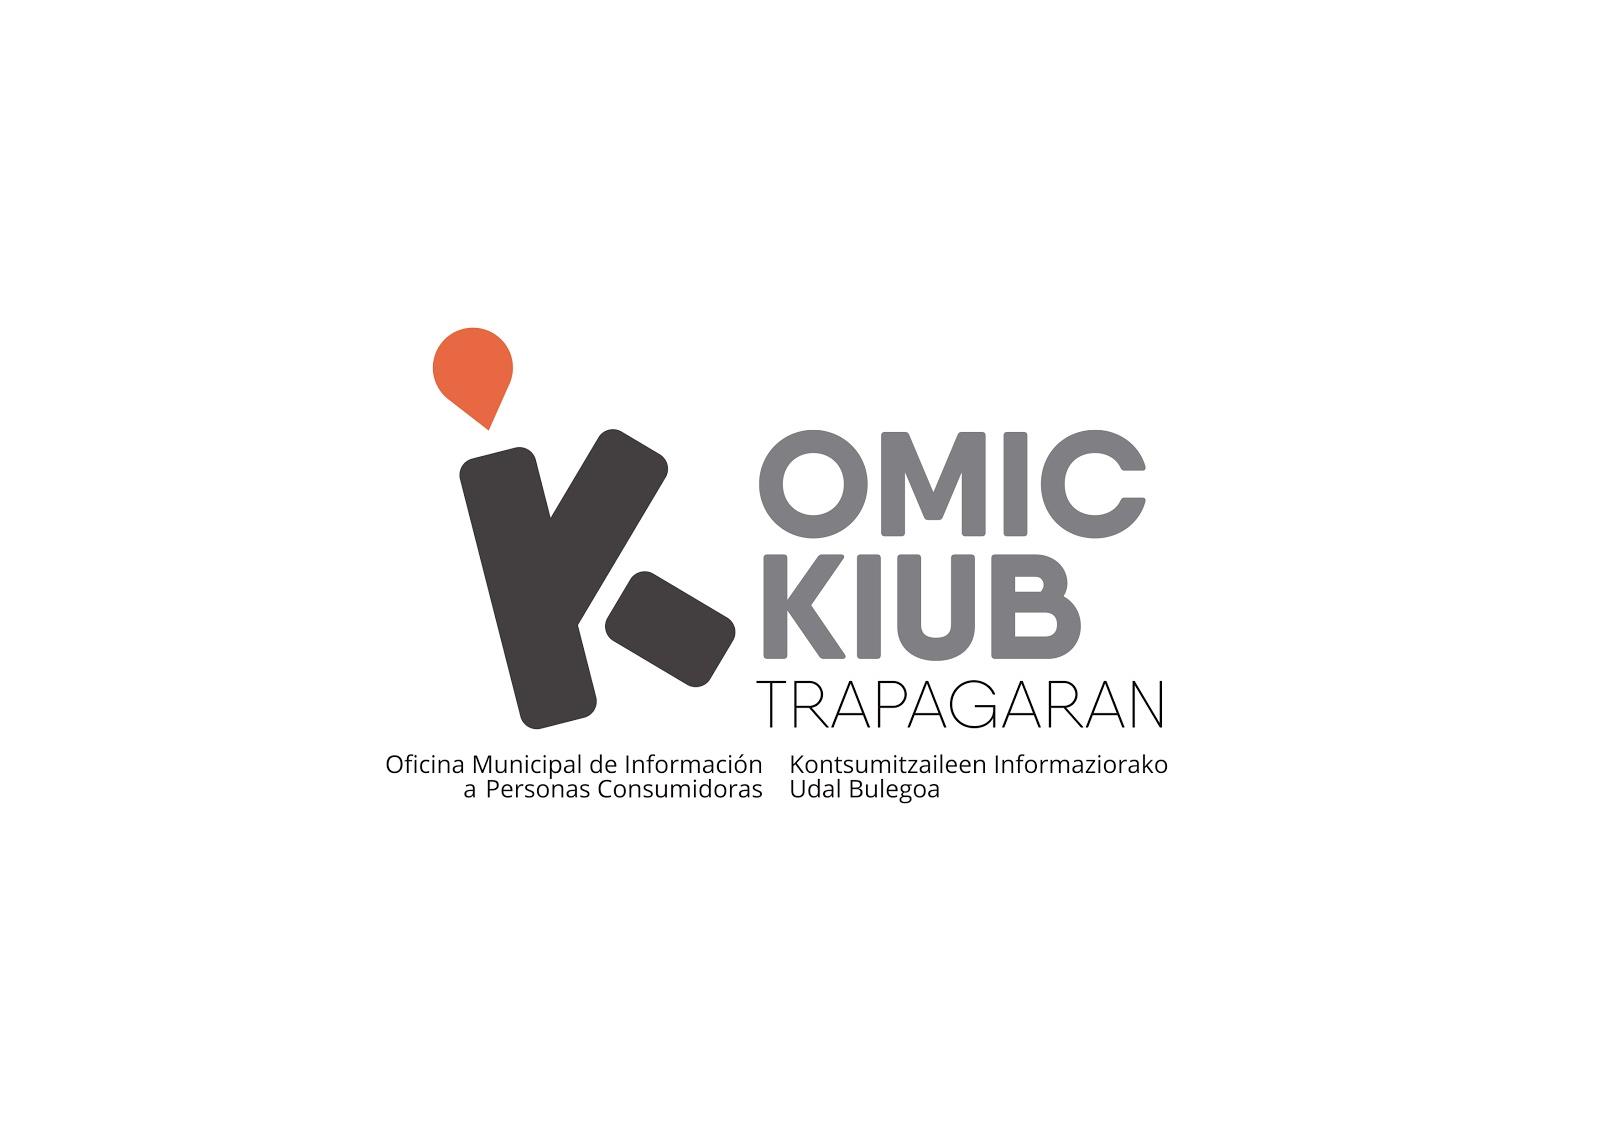 Agencia de empleo y desarrollo local trapagaran aedl en for Oficina omic